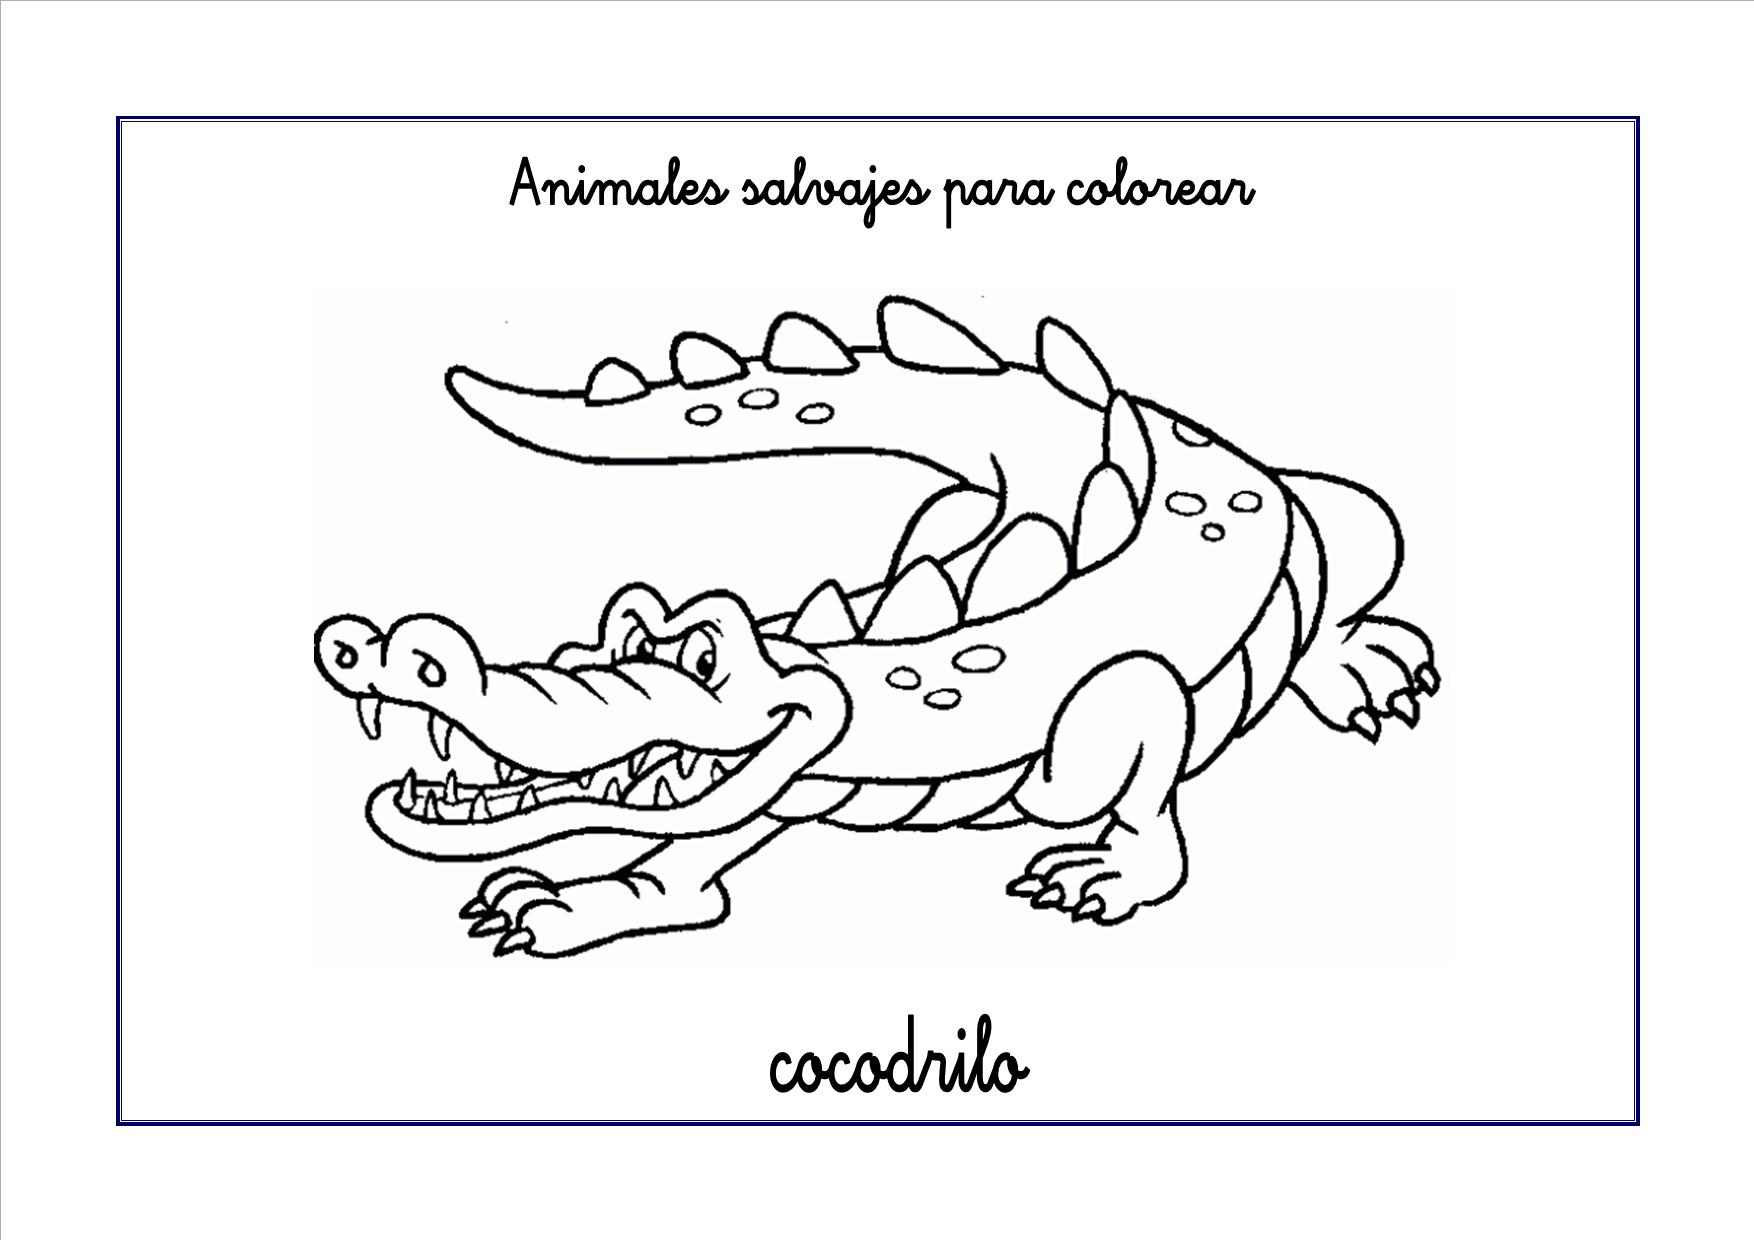 Plantilla dibujo cocodrilo - Imagui